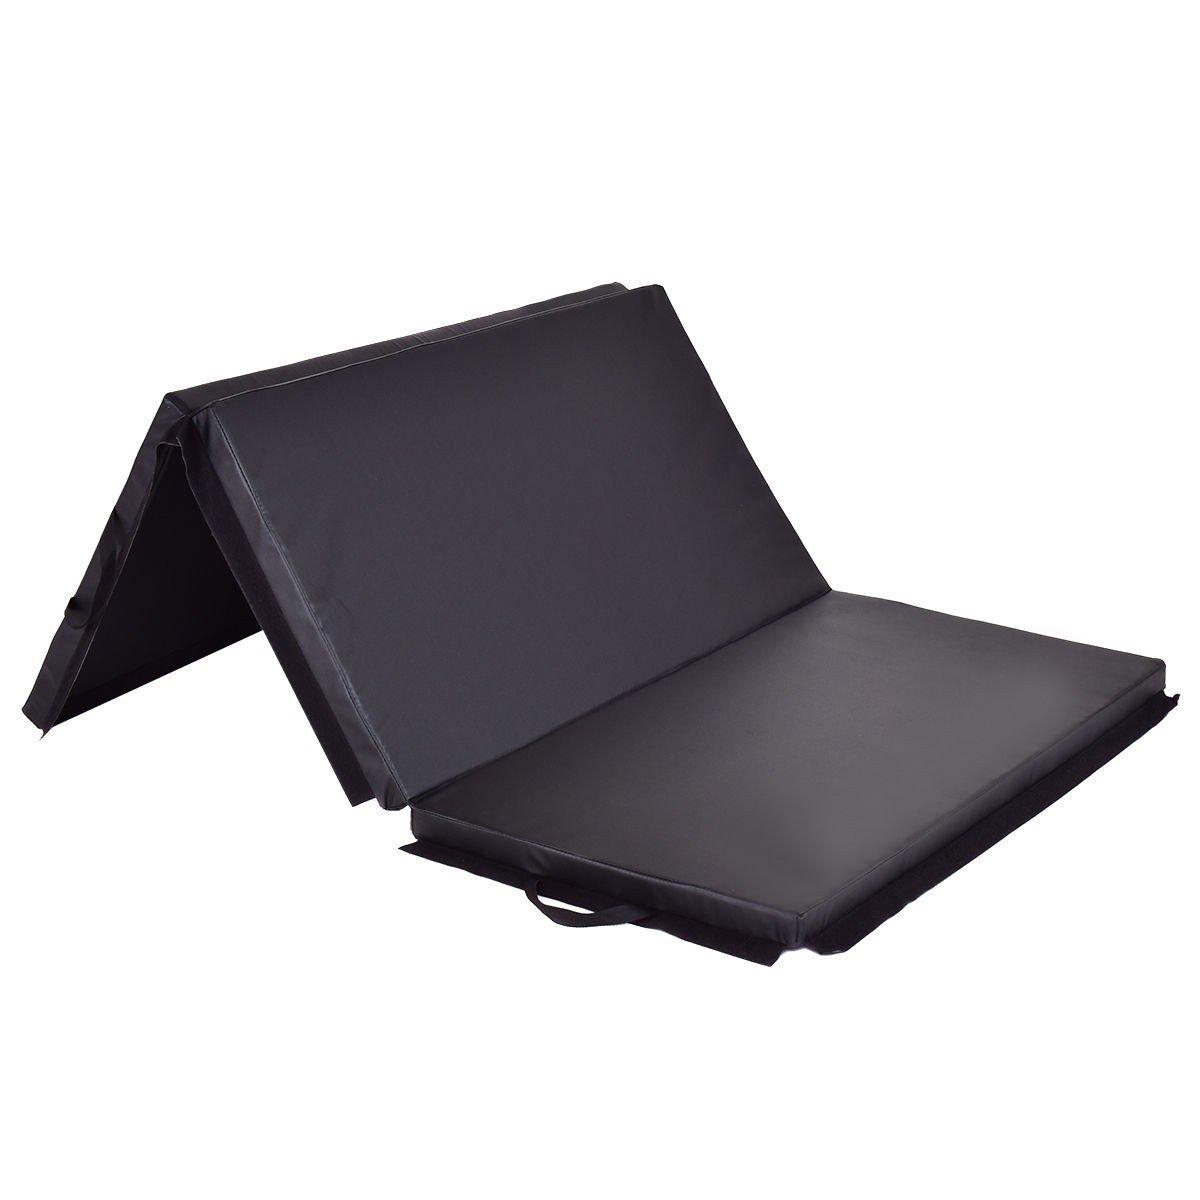 USA_Best_Seller 6フィート x 4フィート 素敵な三つ折りジムマット 厚みのある折りたたみパネル 快適なタンブリング、エクササイズプログラム、ピラティス、ストレッチ、ヨガ、格闘技、体操、デイケアアクティビティ ブラック